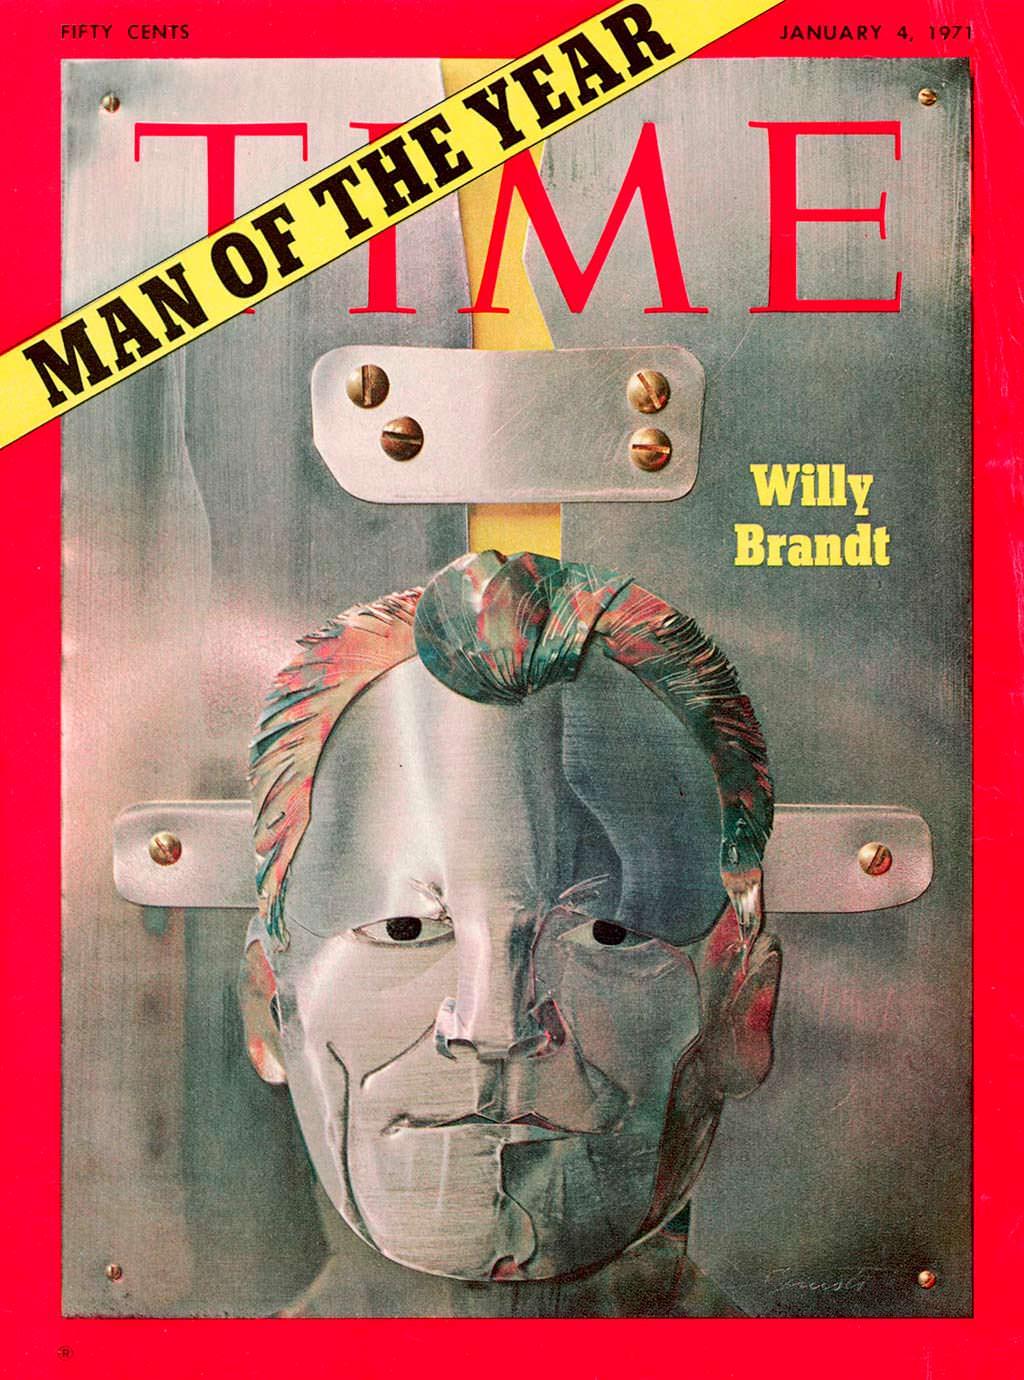 1970 год. Канцлер ФРГ Вилли Брандт на обложке Time